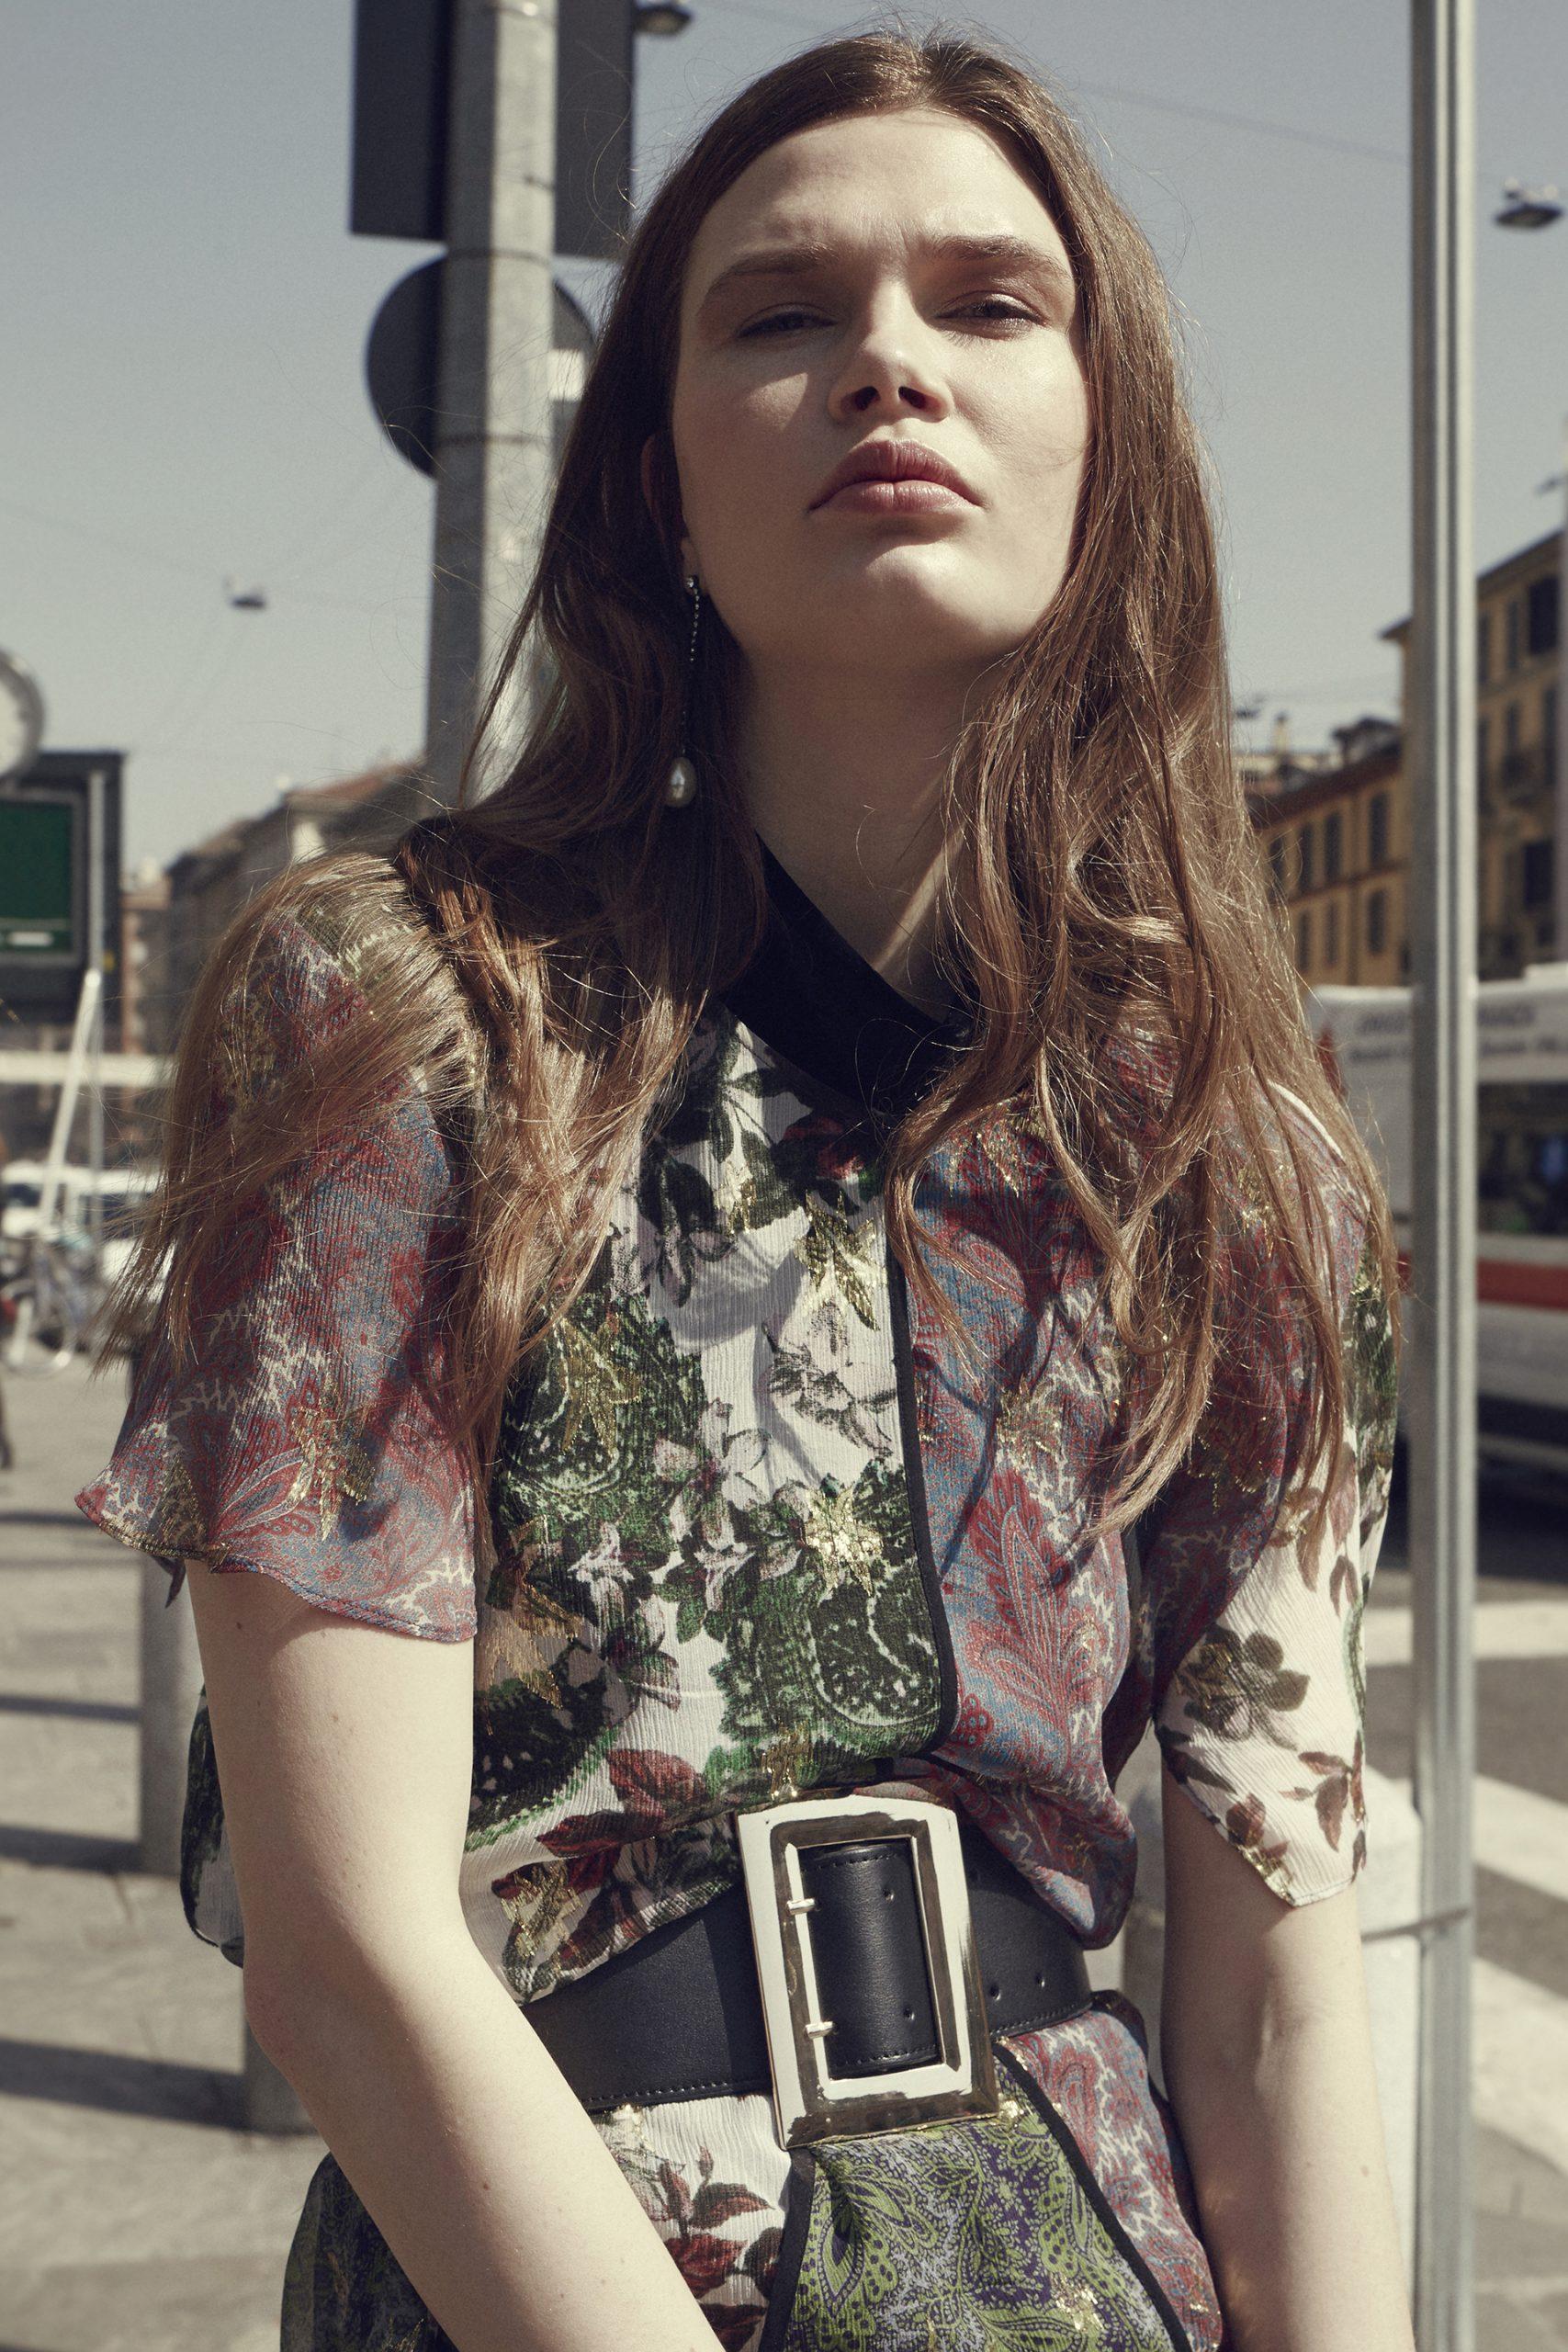 editoriale moda, the fashion atlas, styling, mirko pedone, calze, fiori,